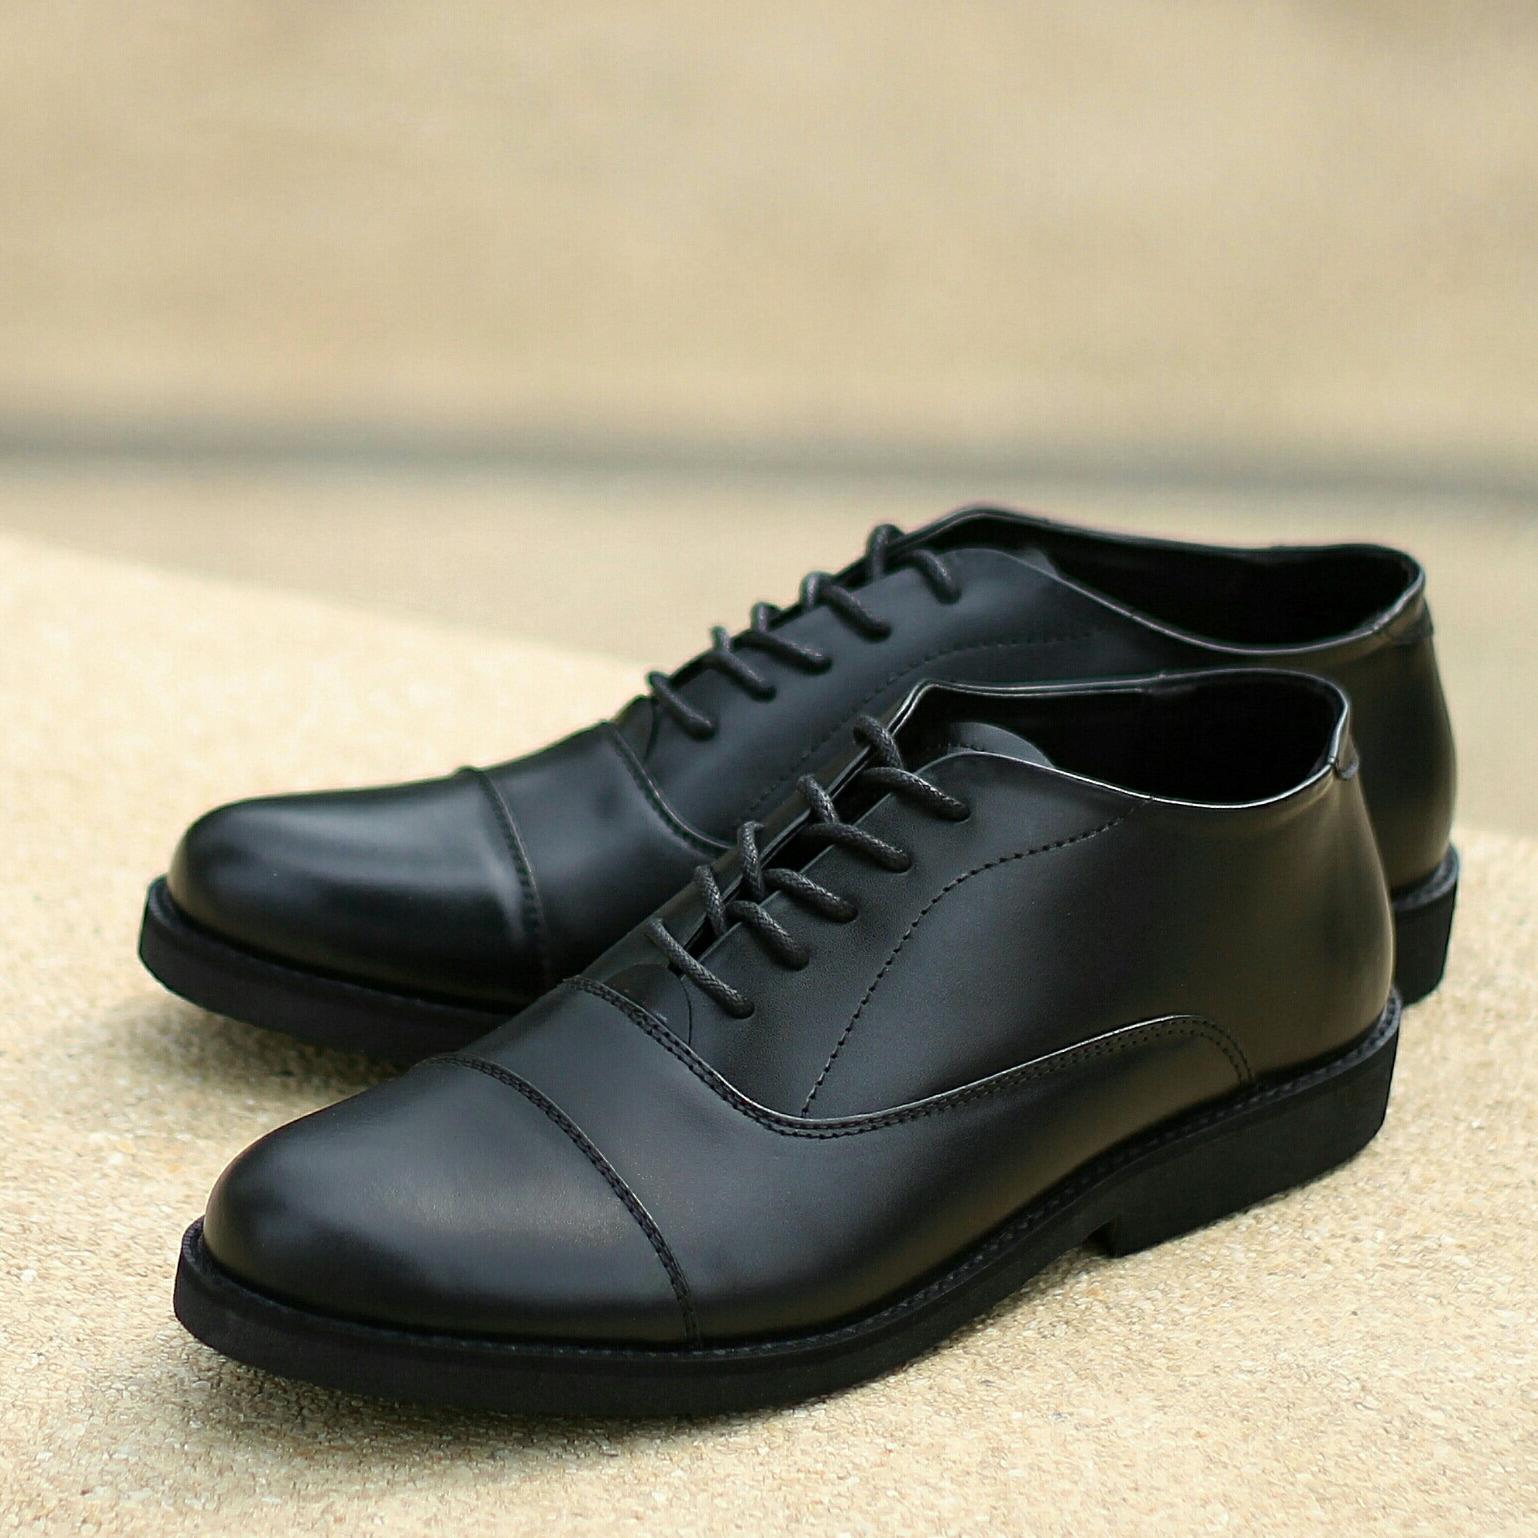 Sepatu Pria Formal / Kerja / Kantor / Resmi Kulit Asli Terbaru - KENZIO OXFORD 02 - Full Hitam